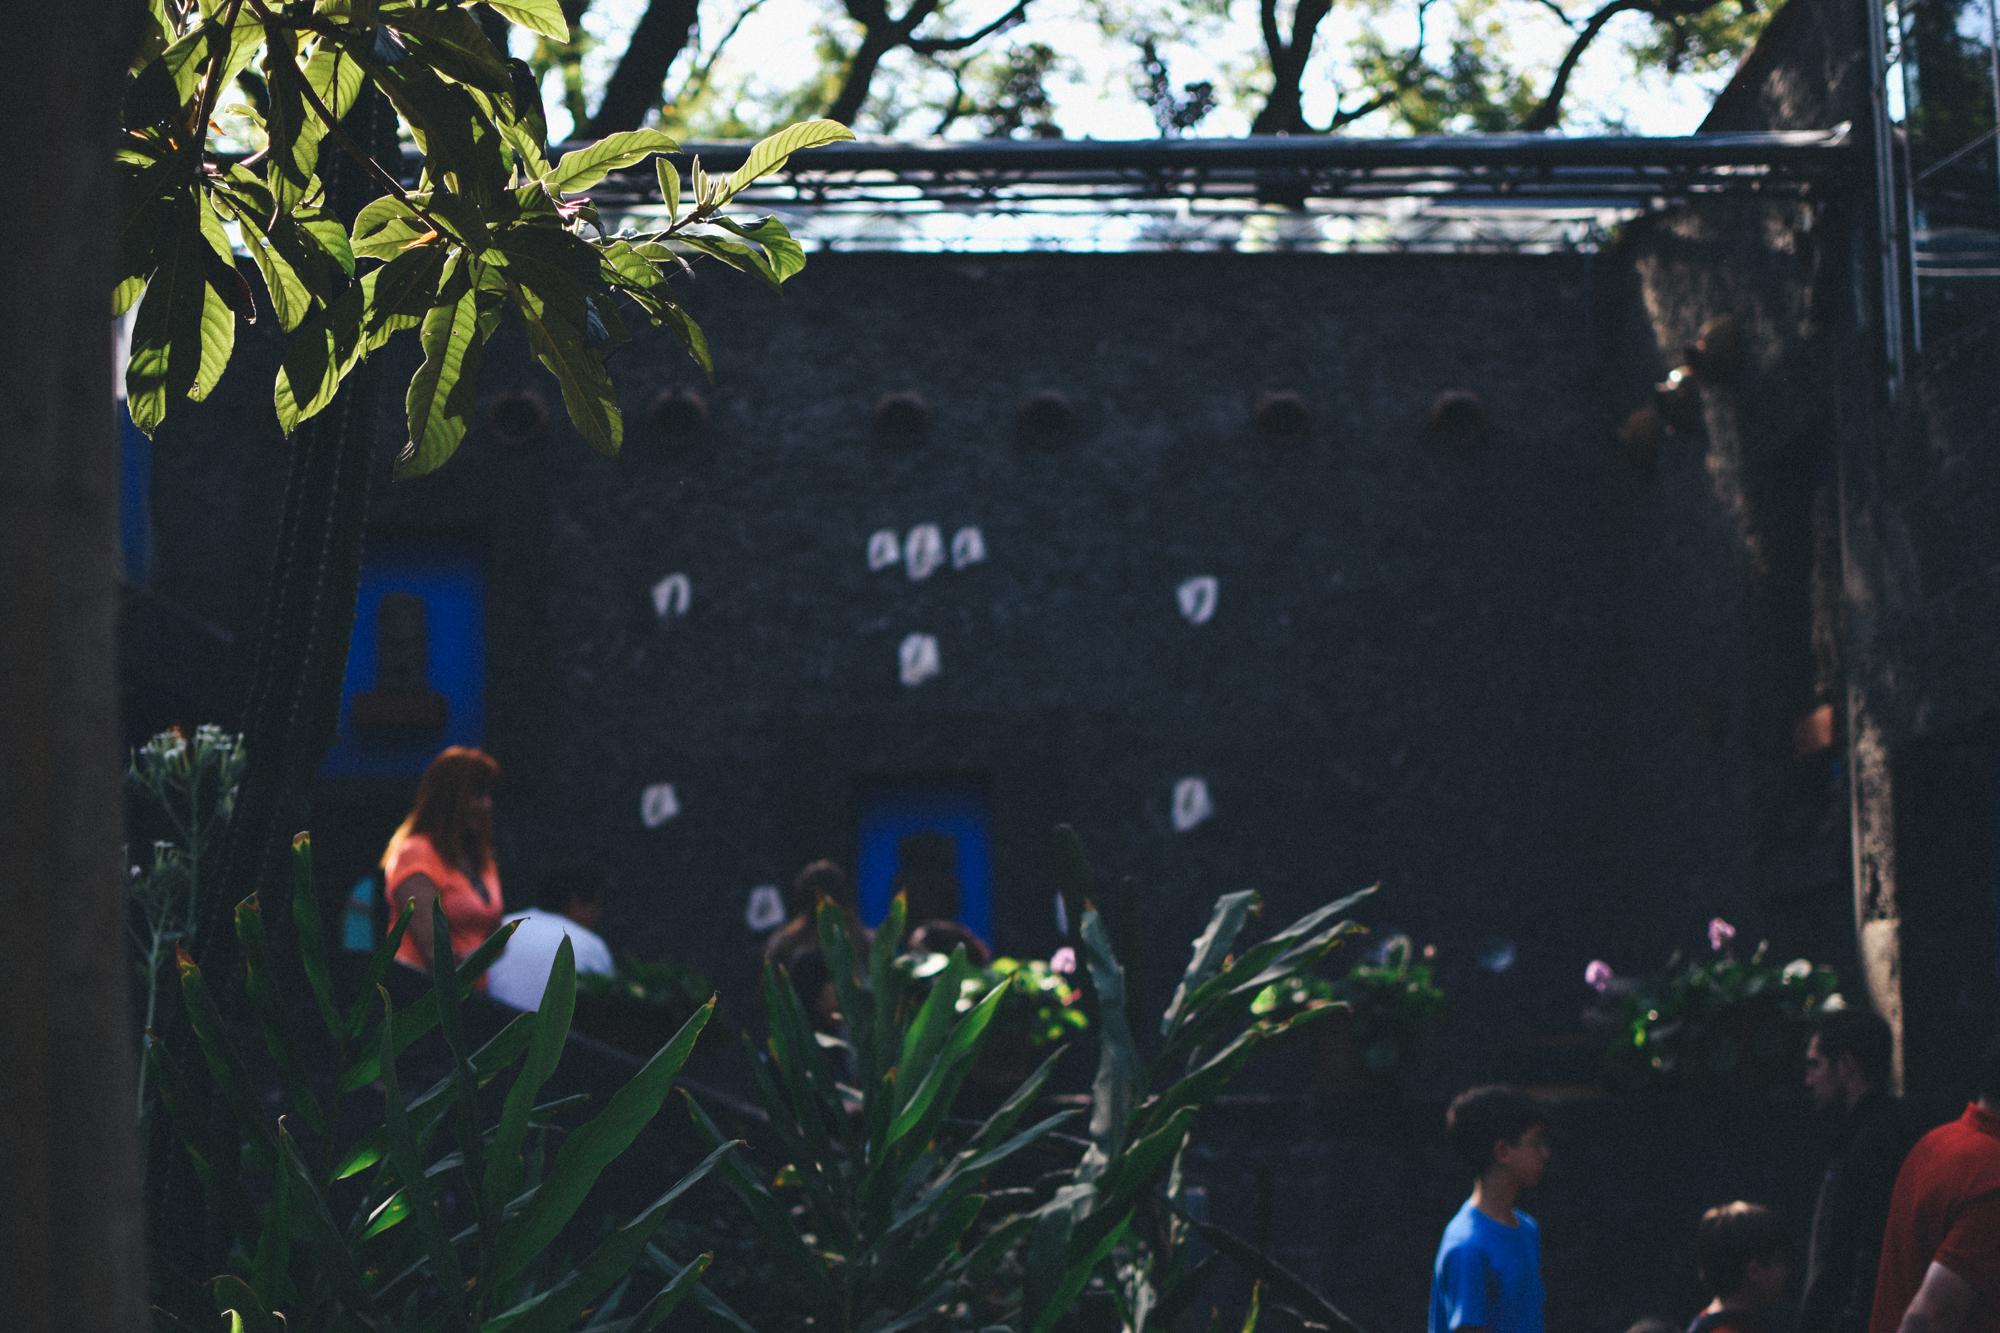 Kyle Studstill_photojournal_travel_Mexico City-38.jpg